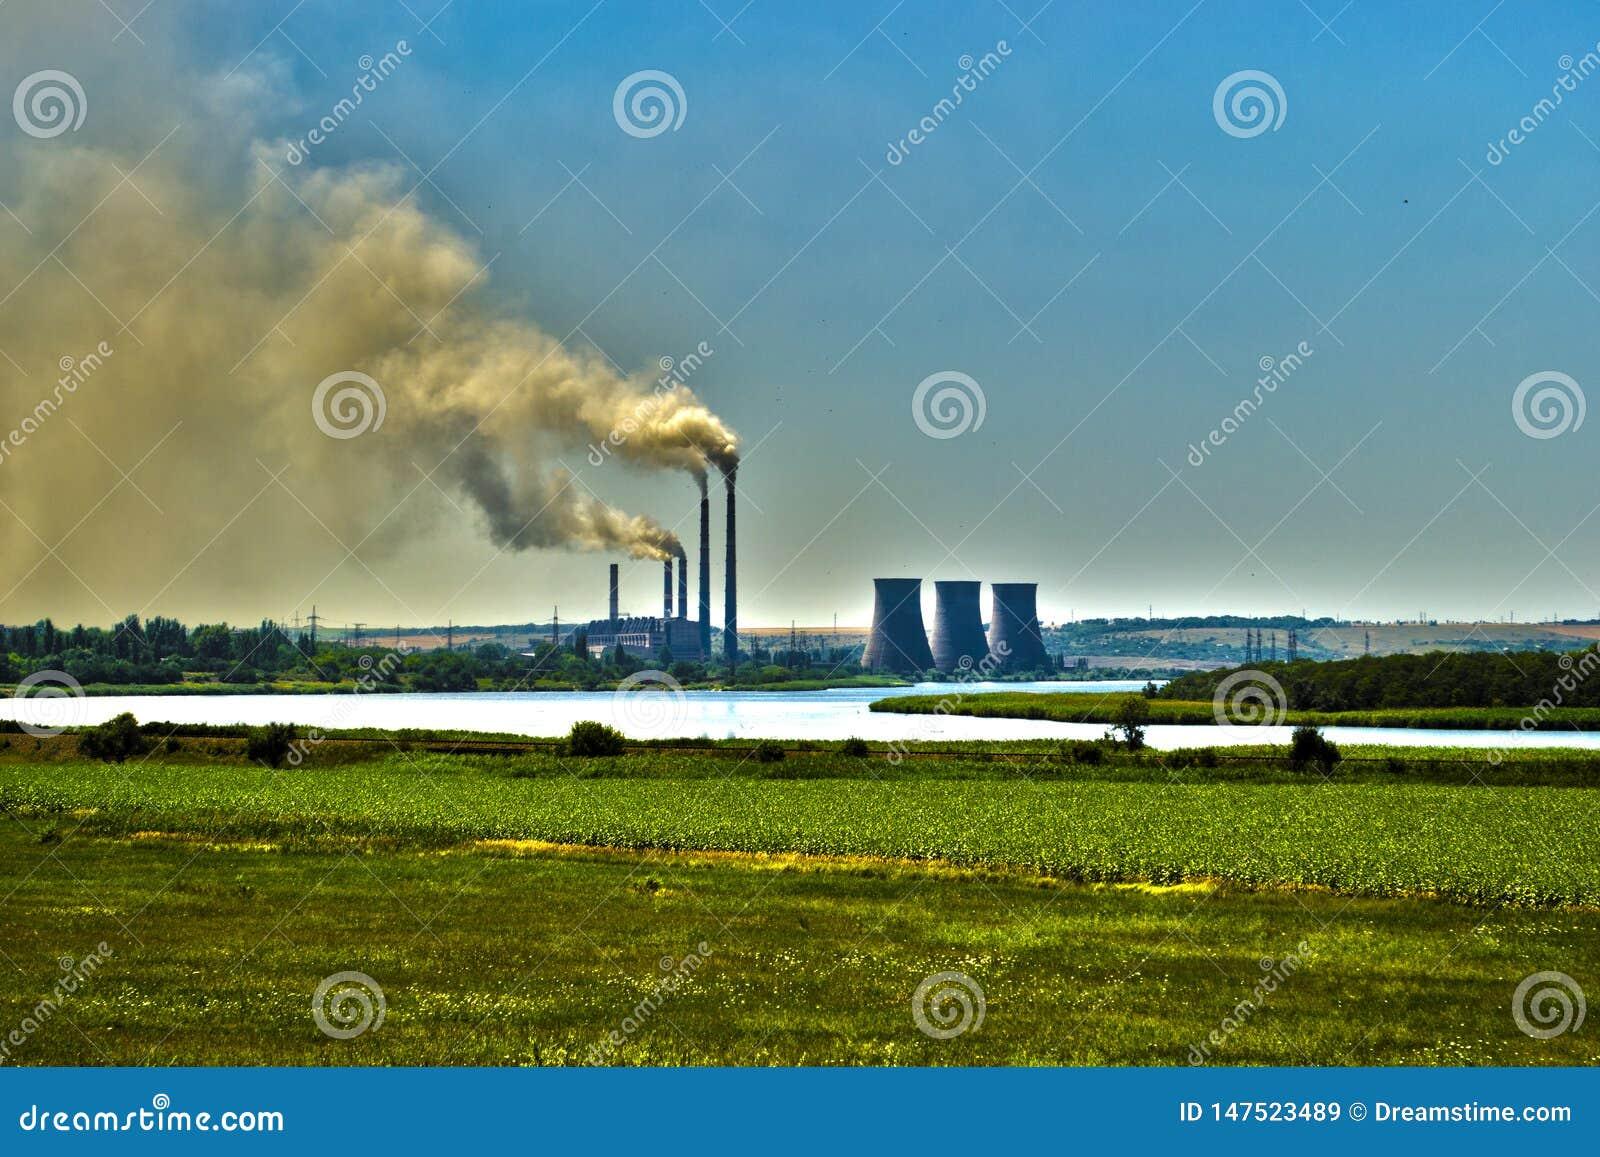 Ενέργεια εναντίον της ατμοσφαιρικής ρύπανσης